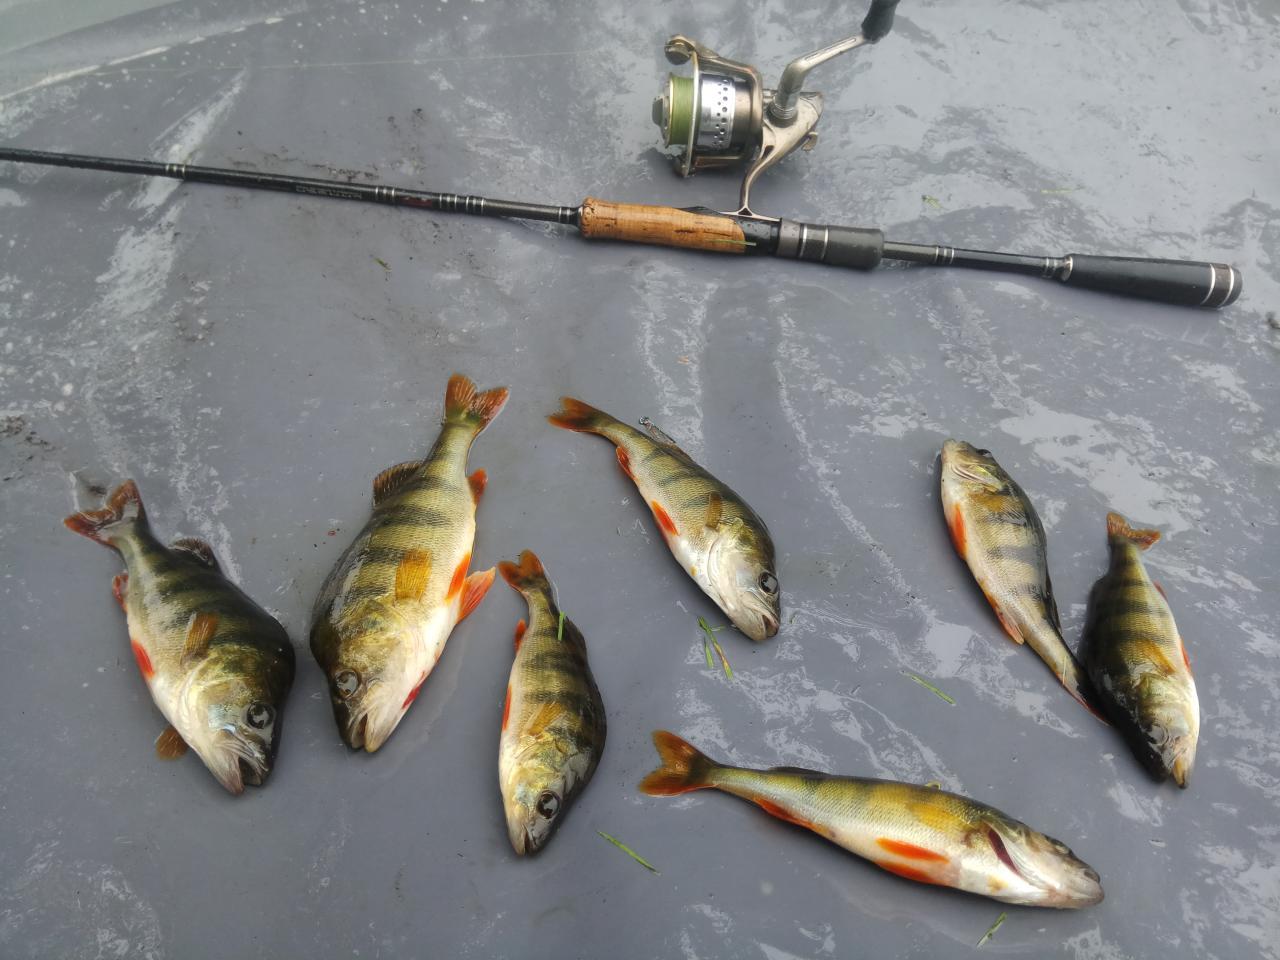 Долгожданное субботнееутро и вот уже накачиваю лодку ) ... | Отчеты о рыбалке в Беларуси